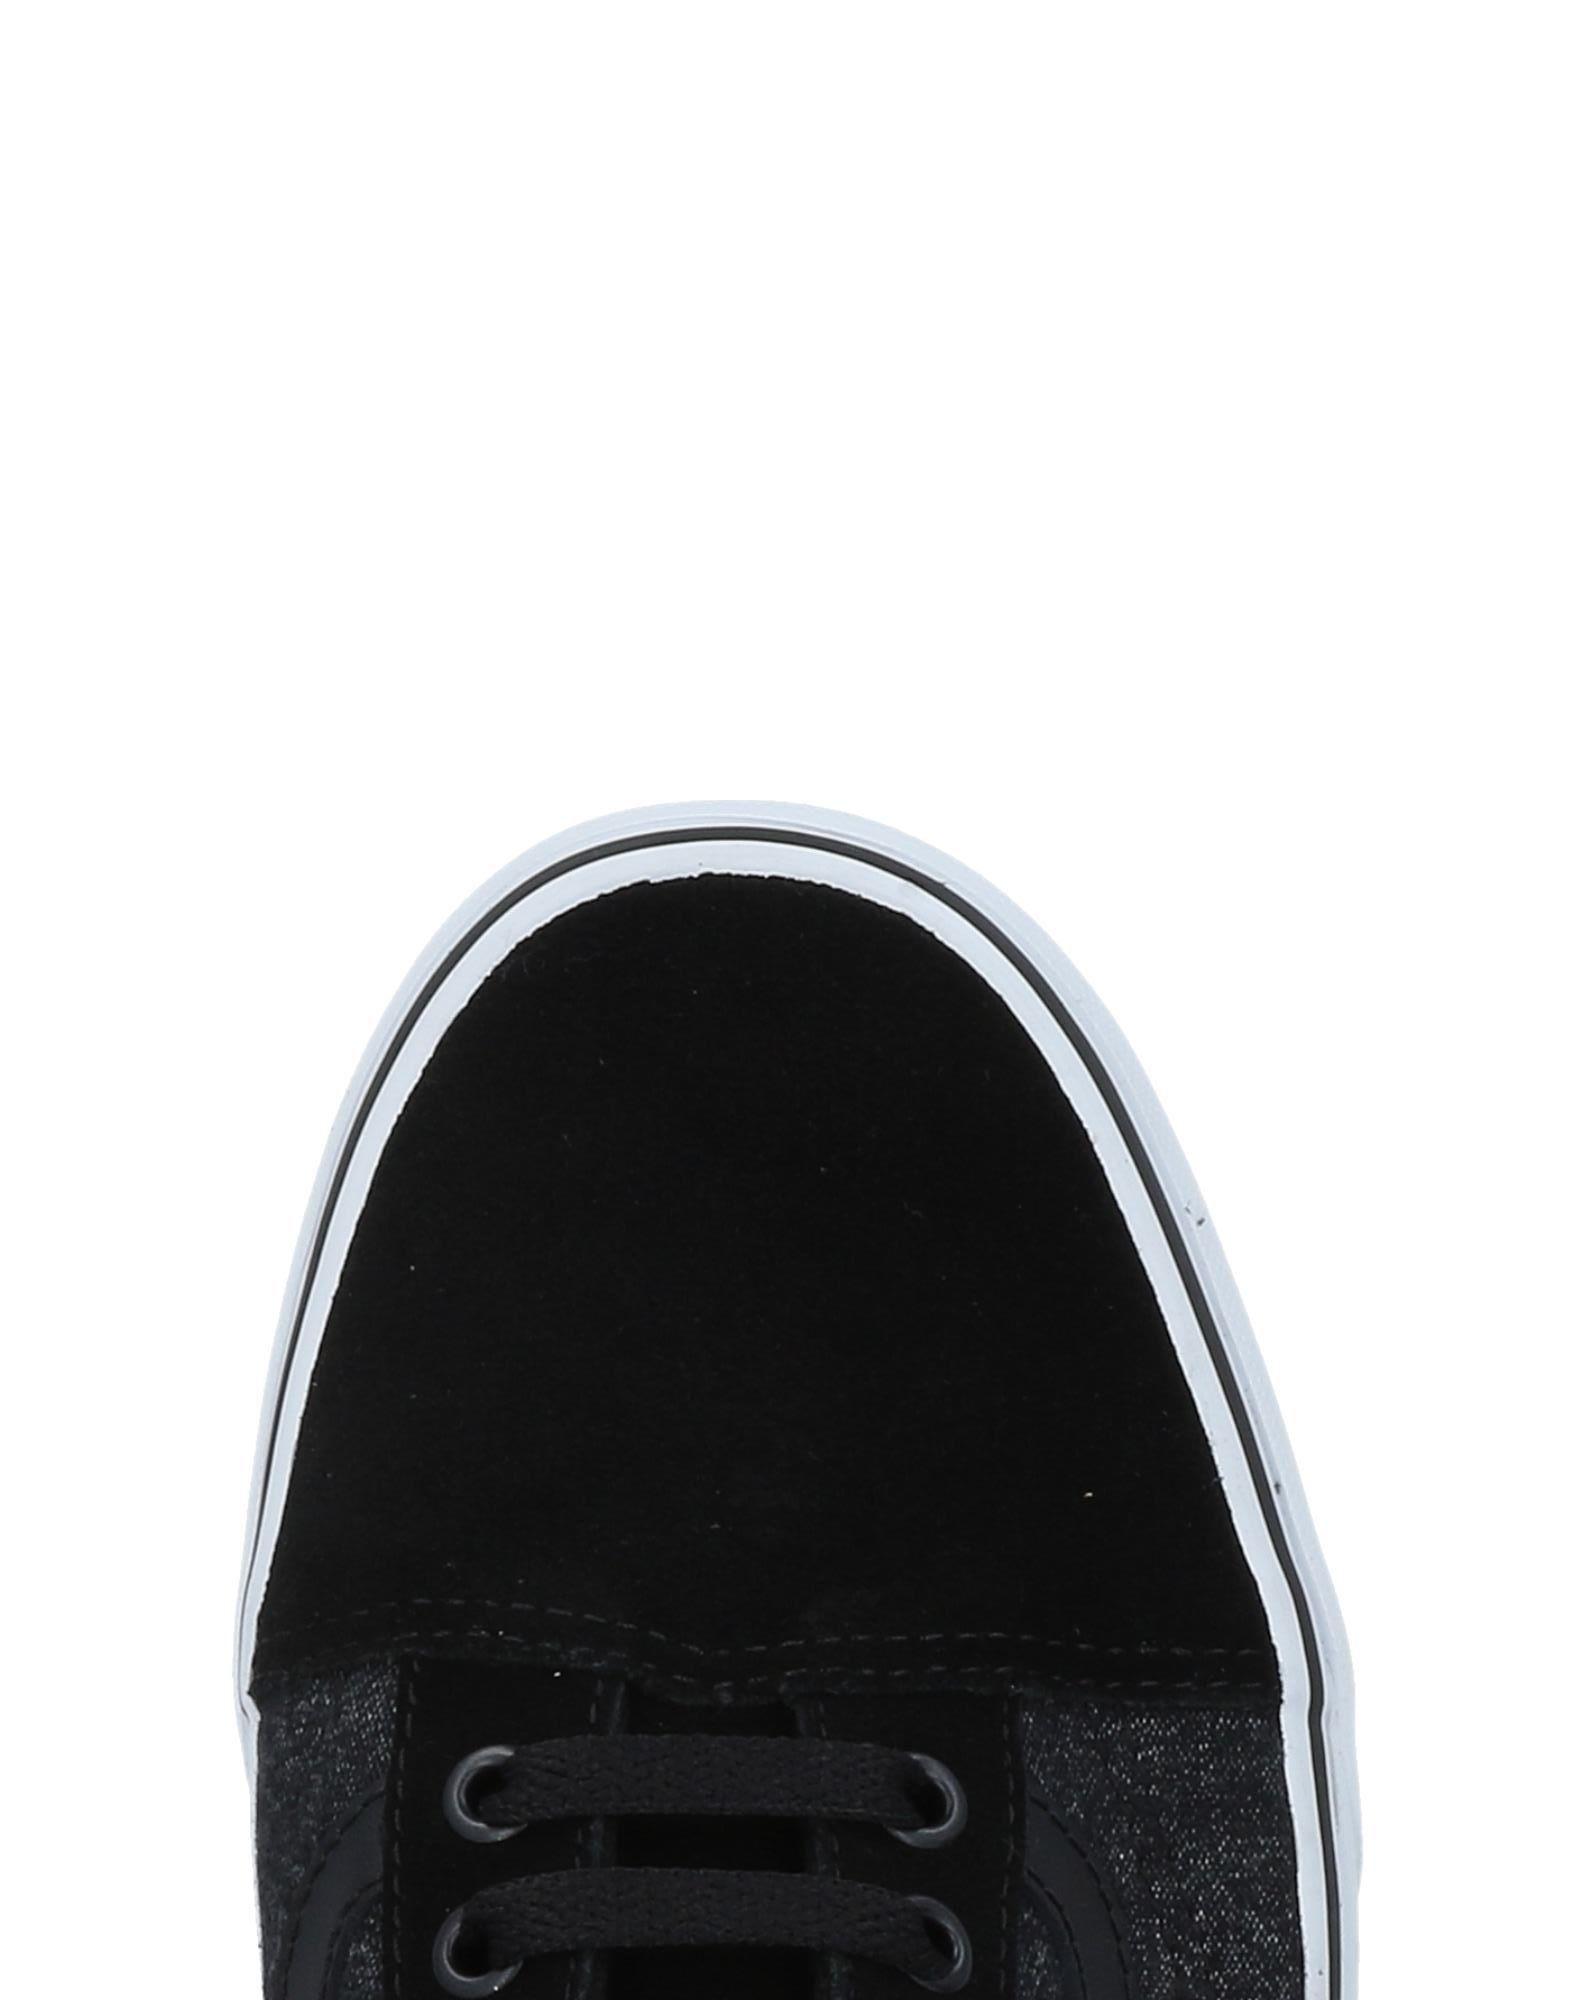 Vans Sneakers lohnt Herren Gutes Preis-Leistungs-Verhältnis, es lohnt Sneakers sich bb566a